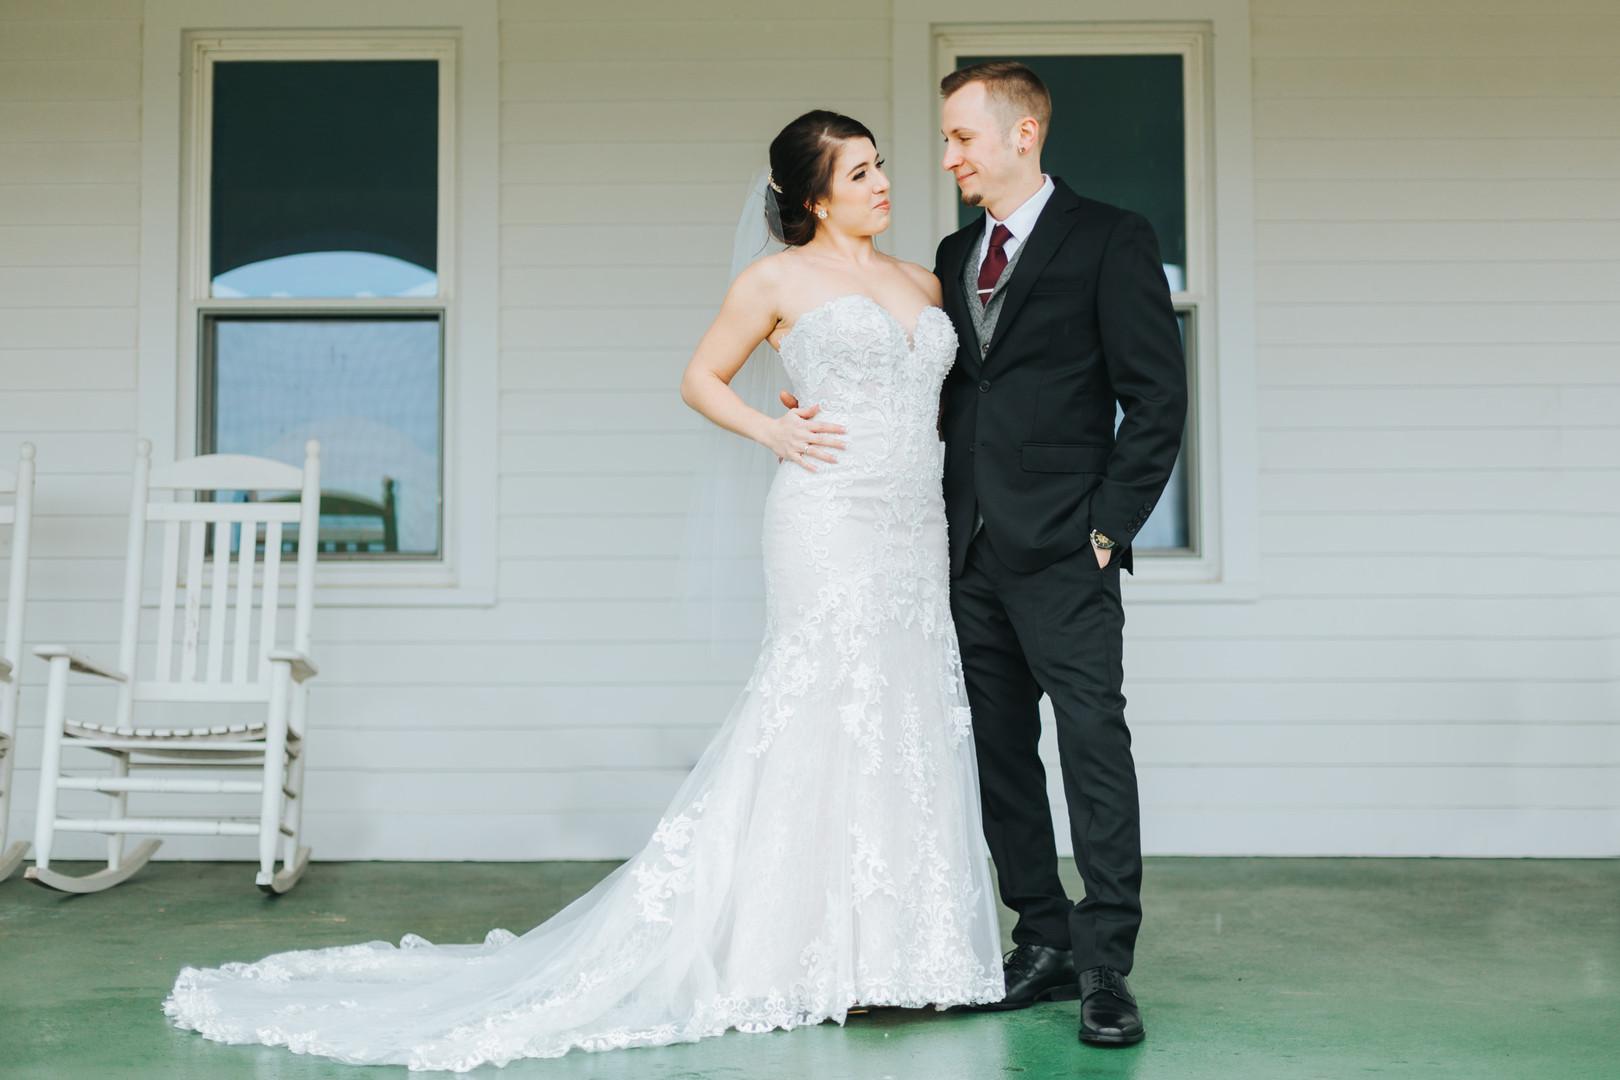 Valley-View-Farm-Winter-Wedding-8145 cop